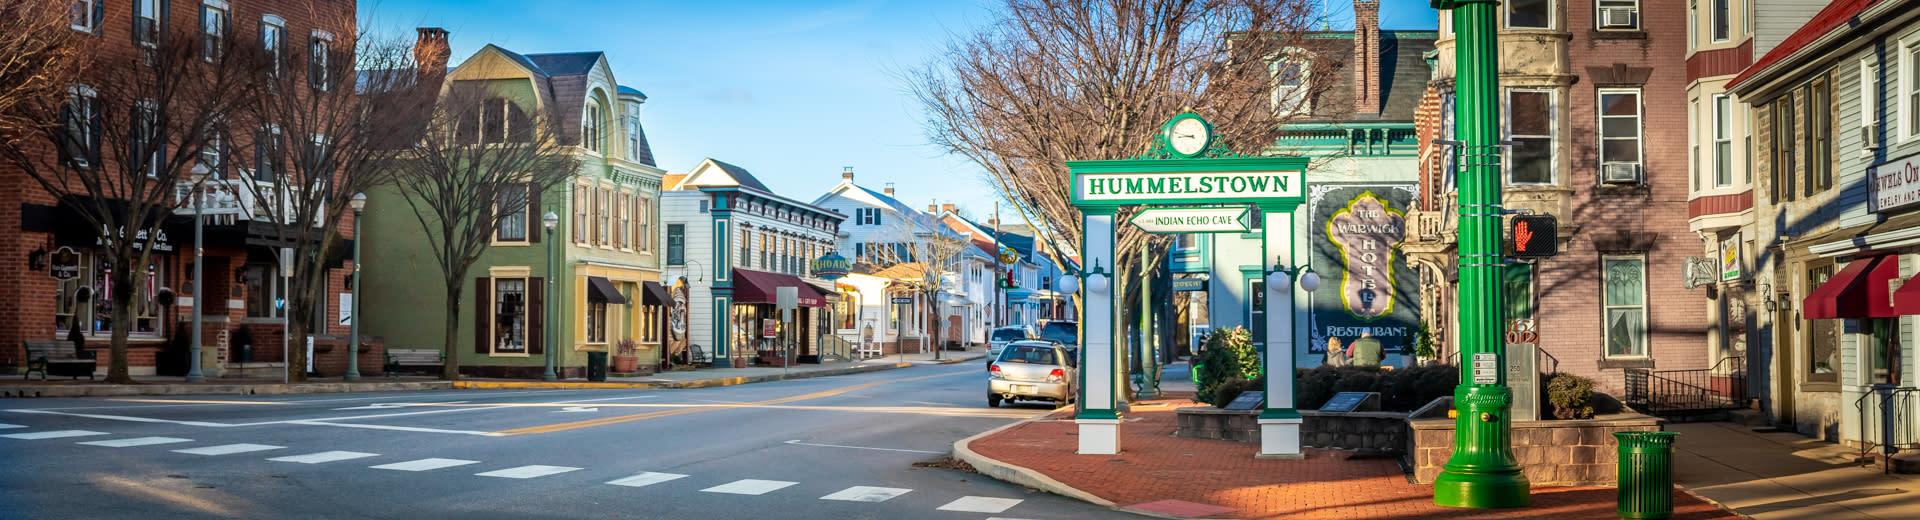 Hummelstown